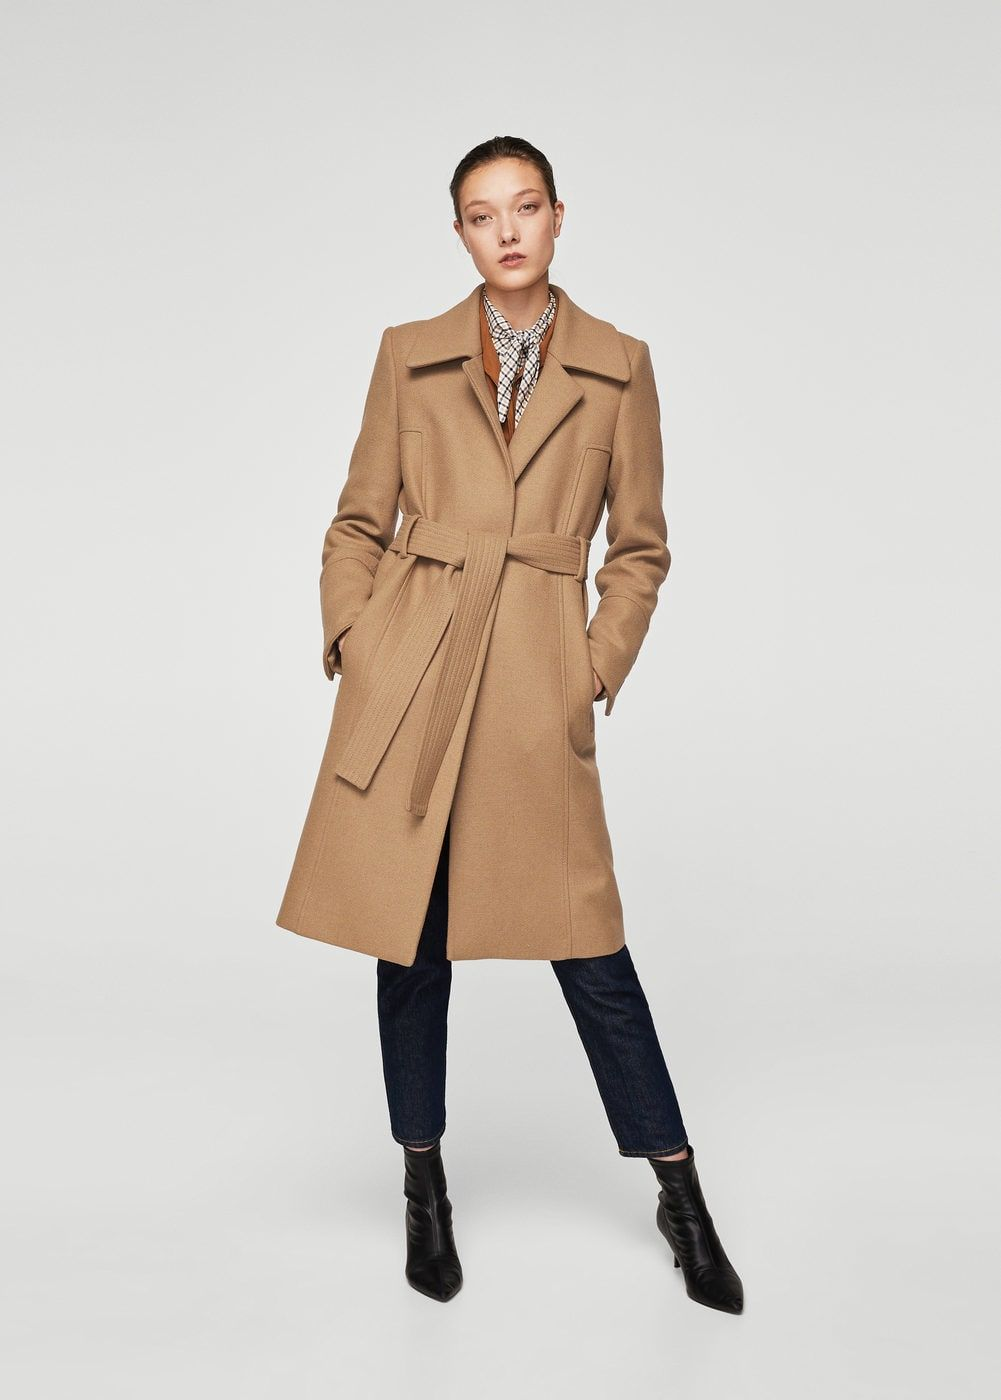 Manteau en laine avec ceinture - Femme   Fashion - jackets   Manteau ... 7a6de11c6f5